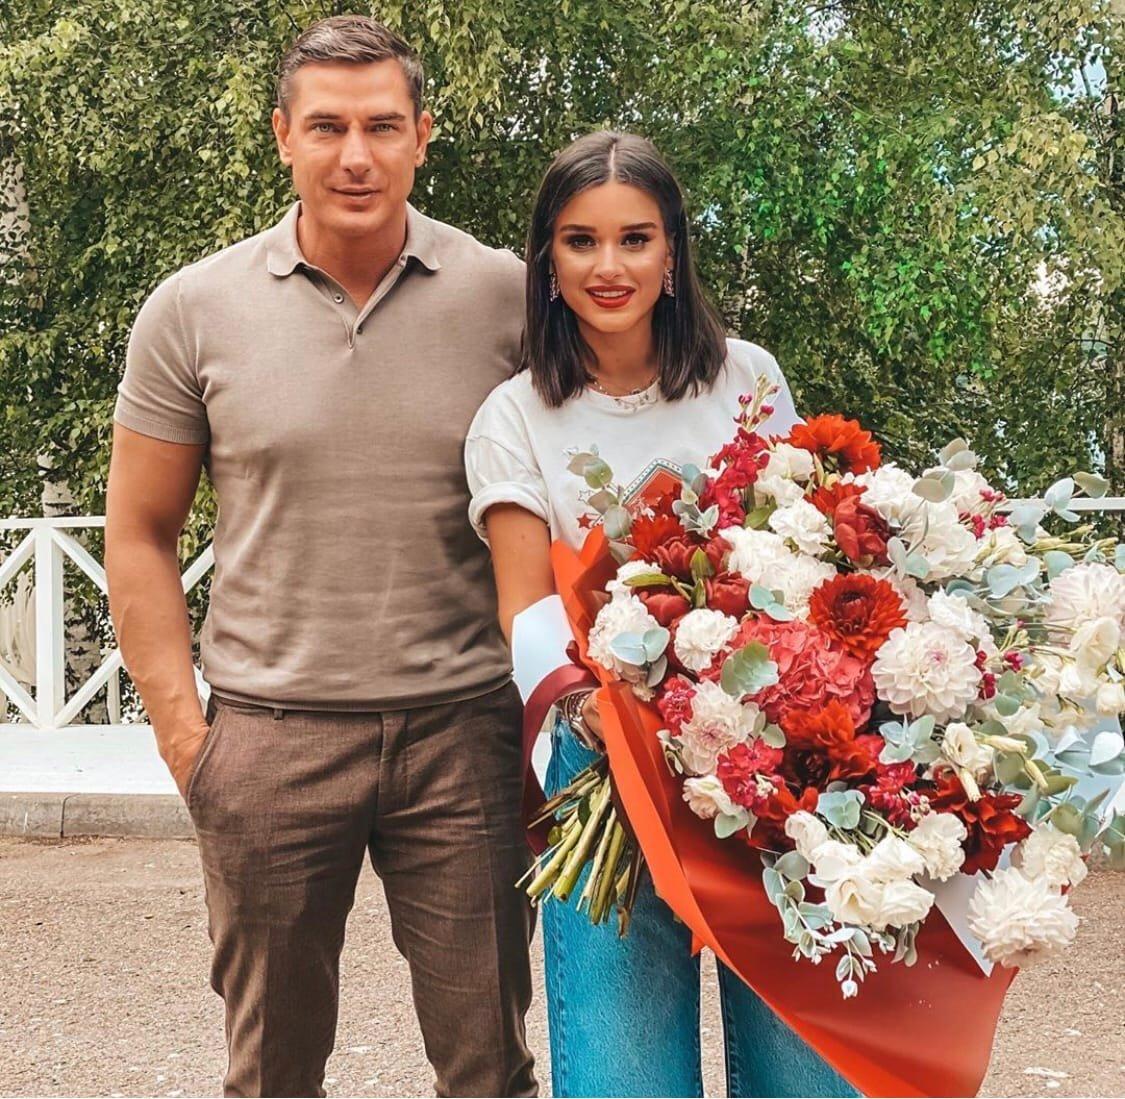 Ксения Бородина прокомментировала слухи о разладе с Курбаном Омаровым